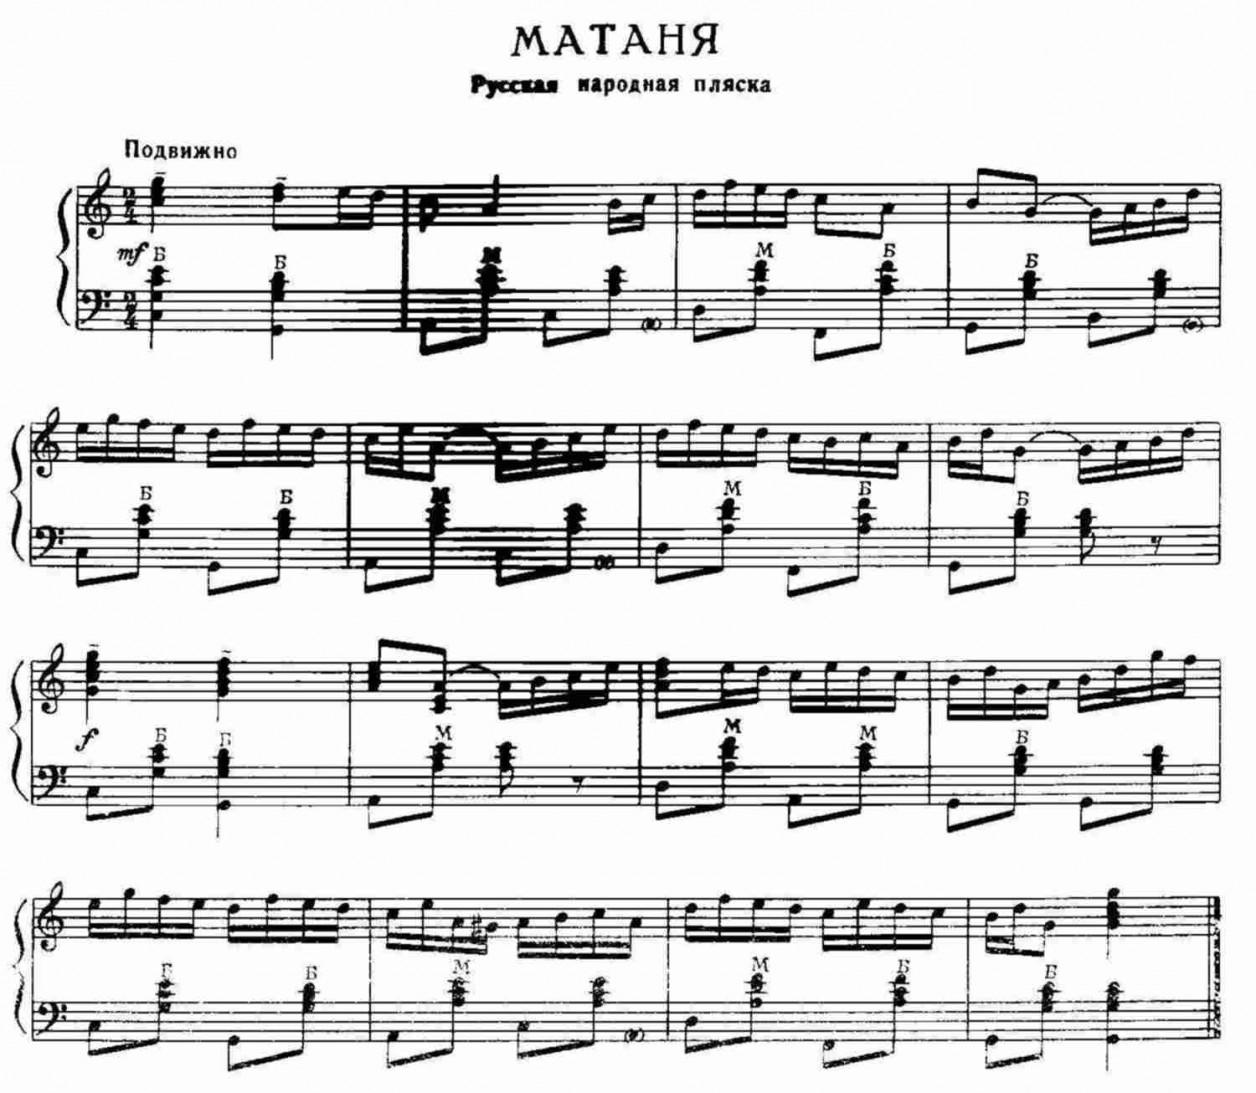 Матаня